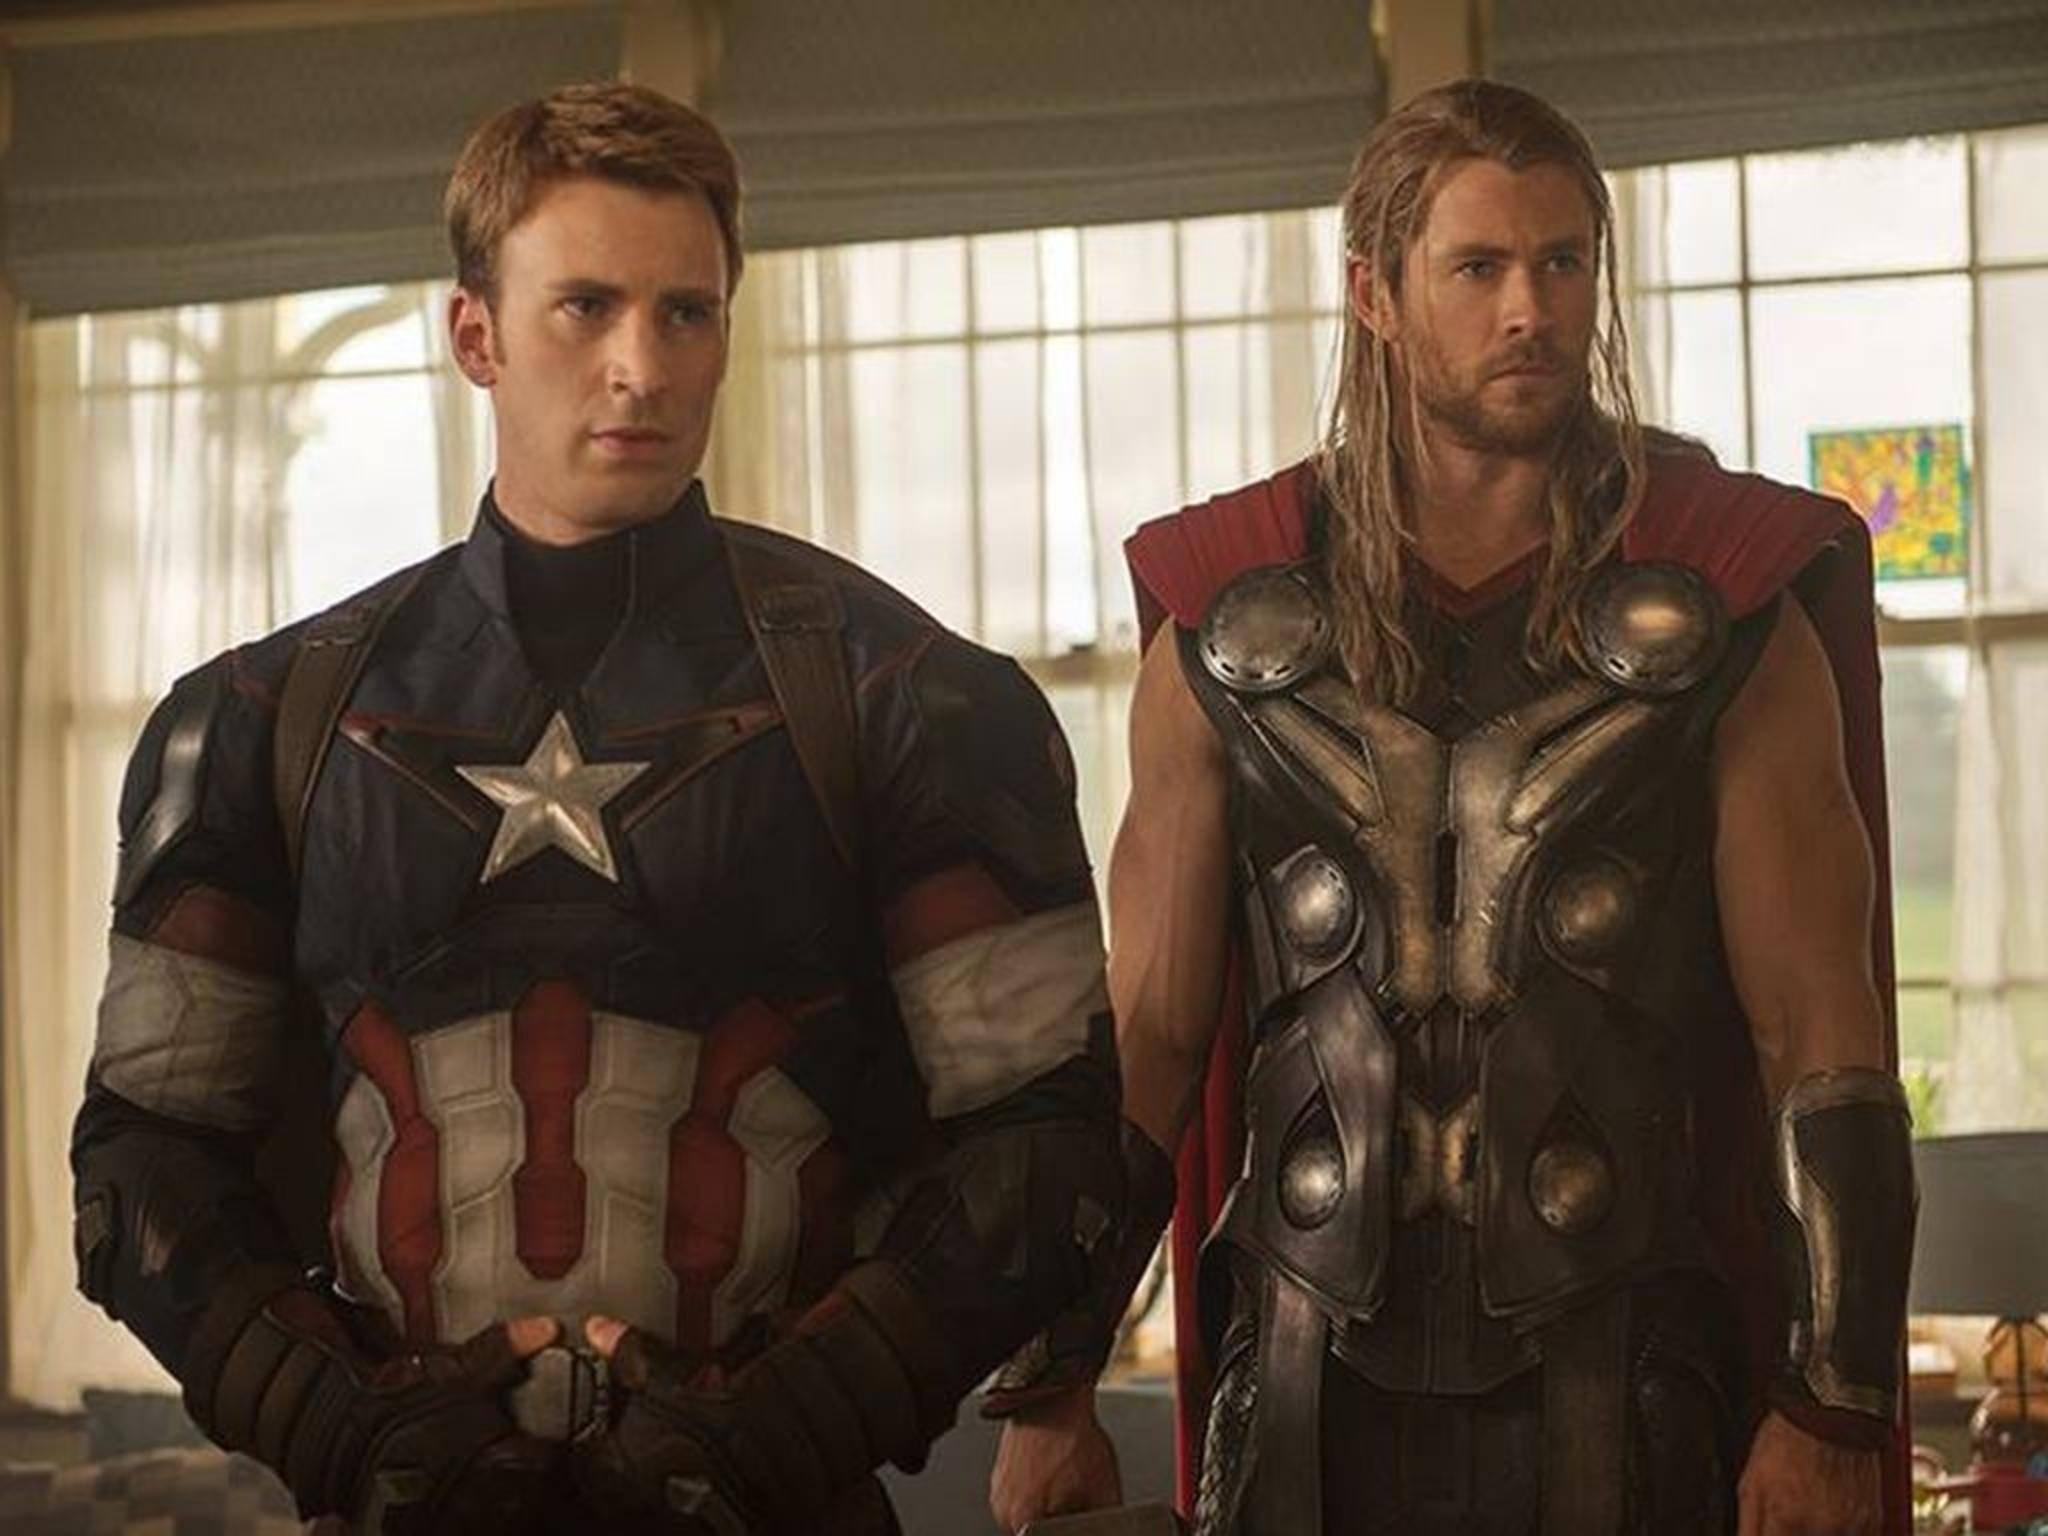 Die Frage: Wie klingt das Marvel-Universum? Die häufigste Antwort: ratlose Blicke.